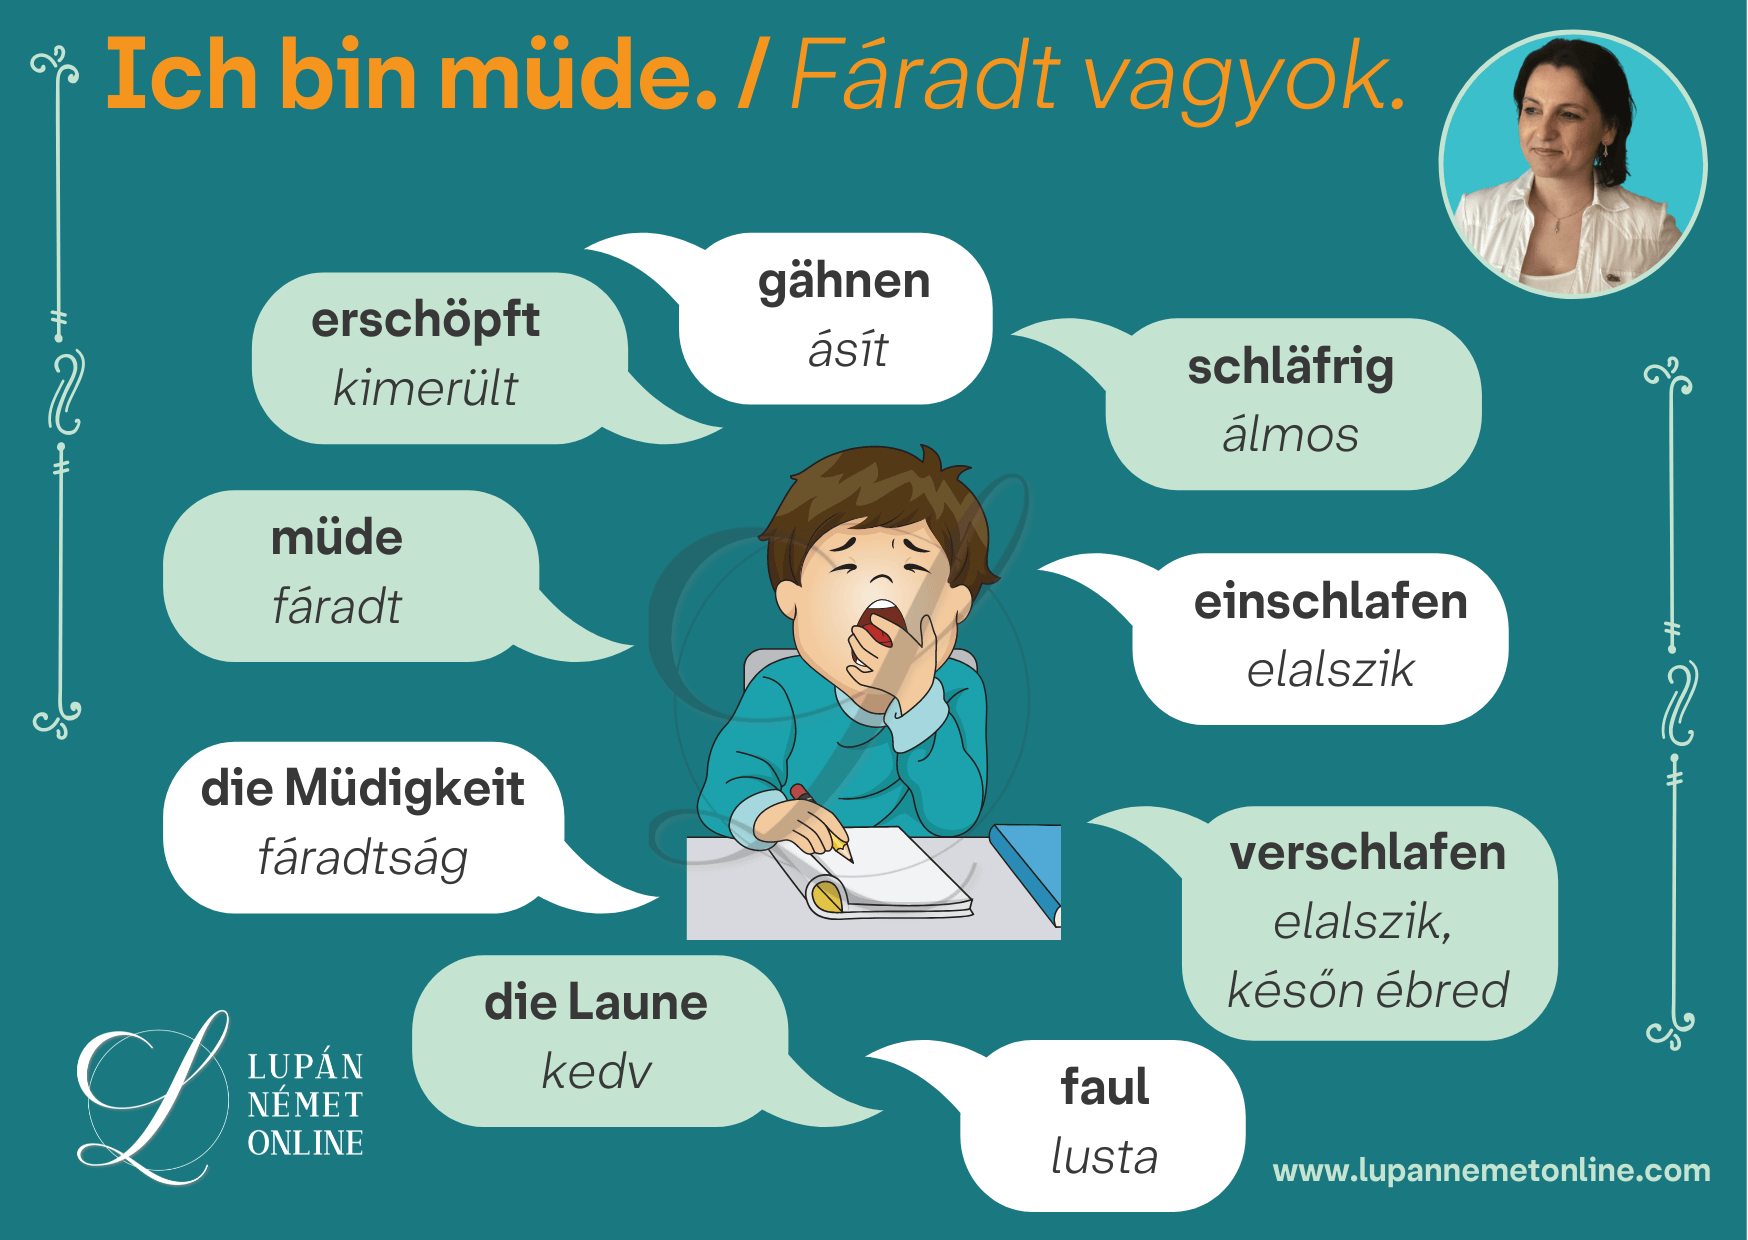 müde_faradt